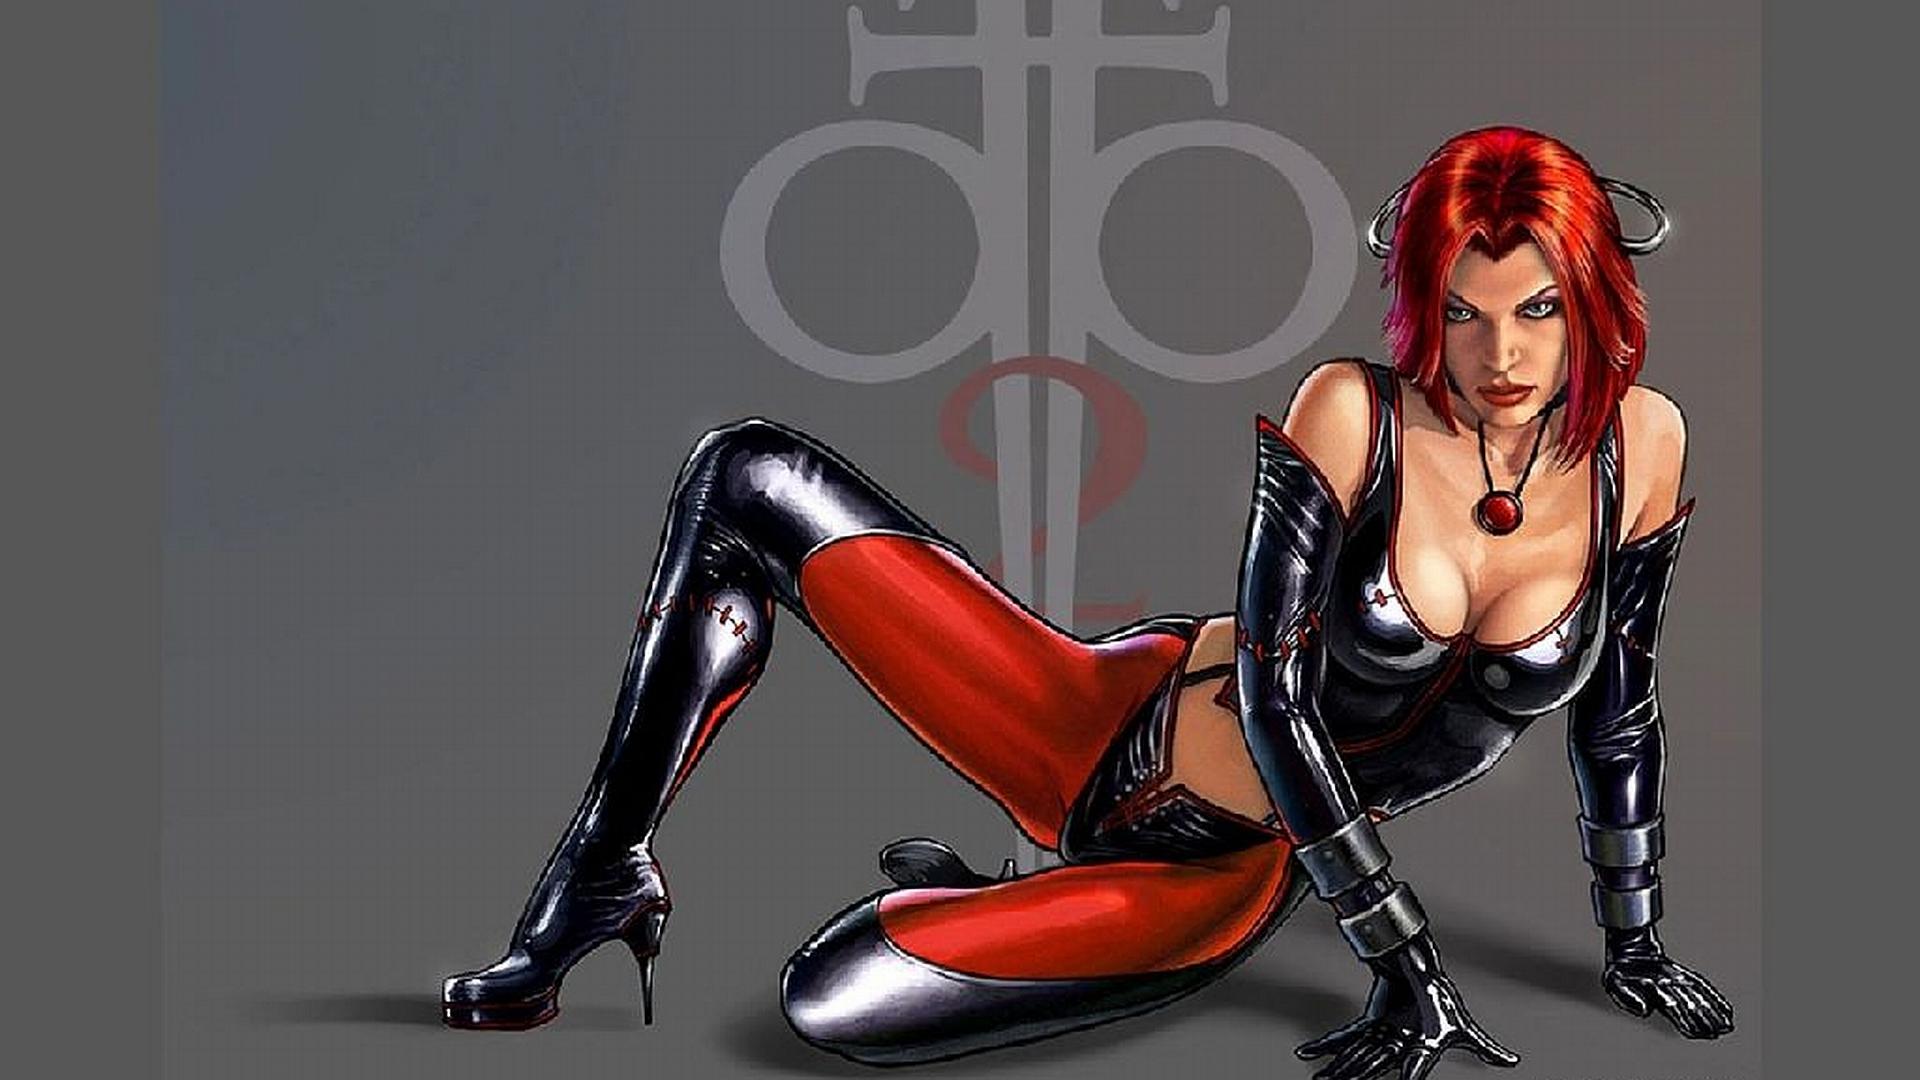 3d porn game 3dxchat online virtual sex 1